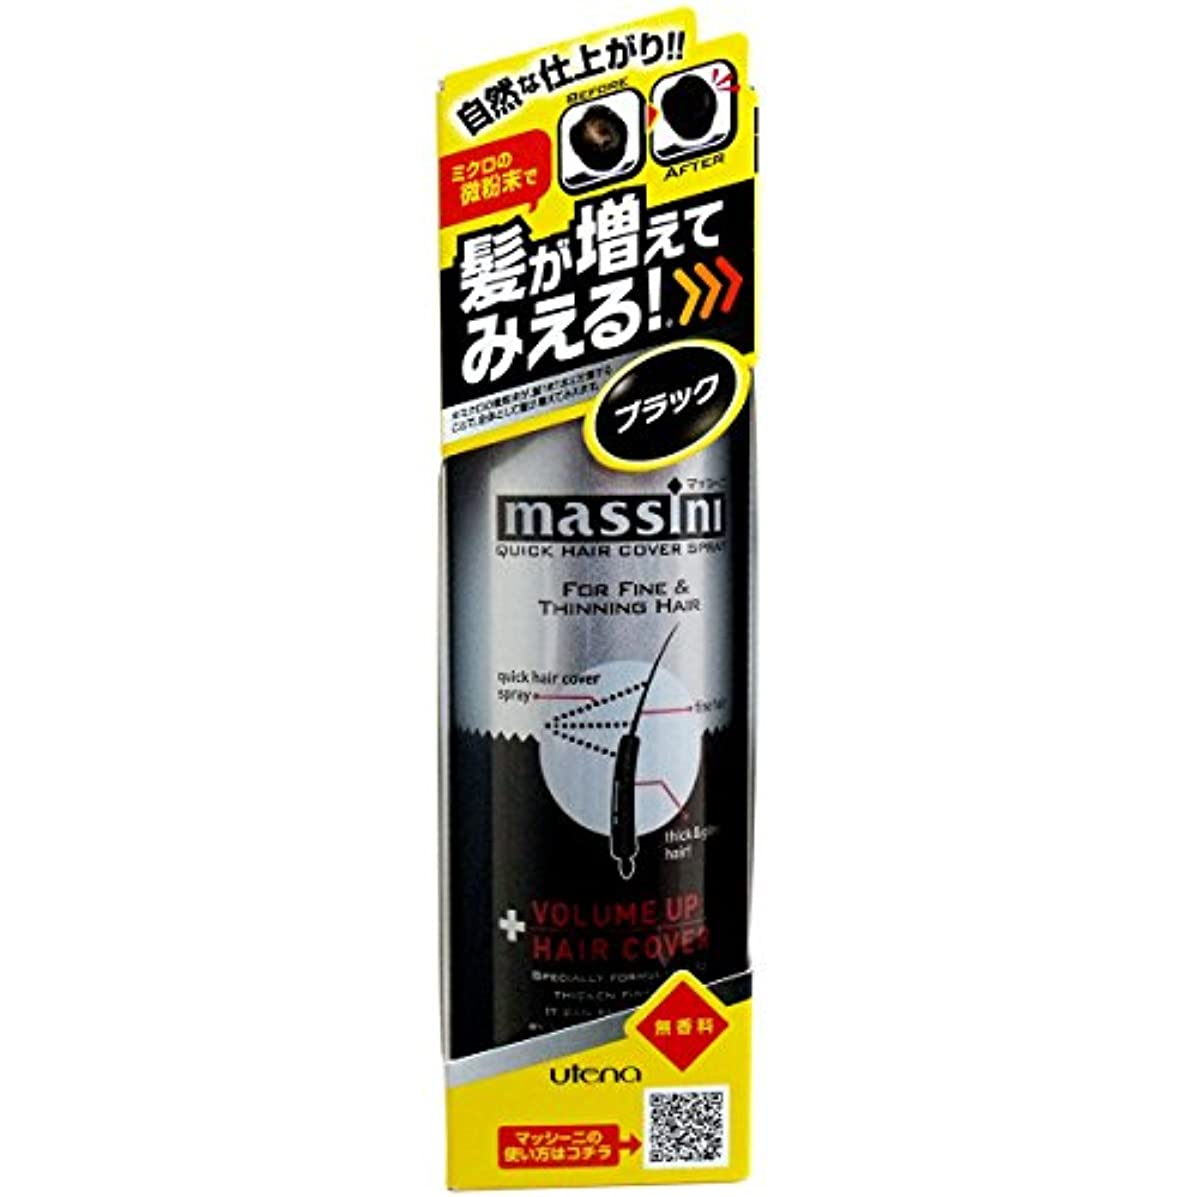 補足架空の暴露【ウテナ】マッシーニ クィックヘアカバースプレー(ブラック) 140g ×3個セット